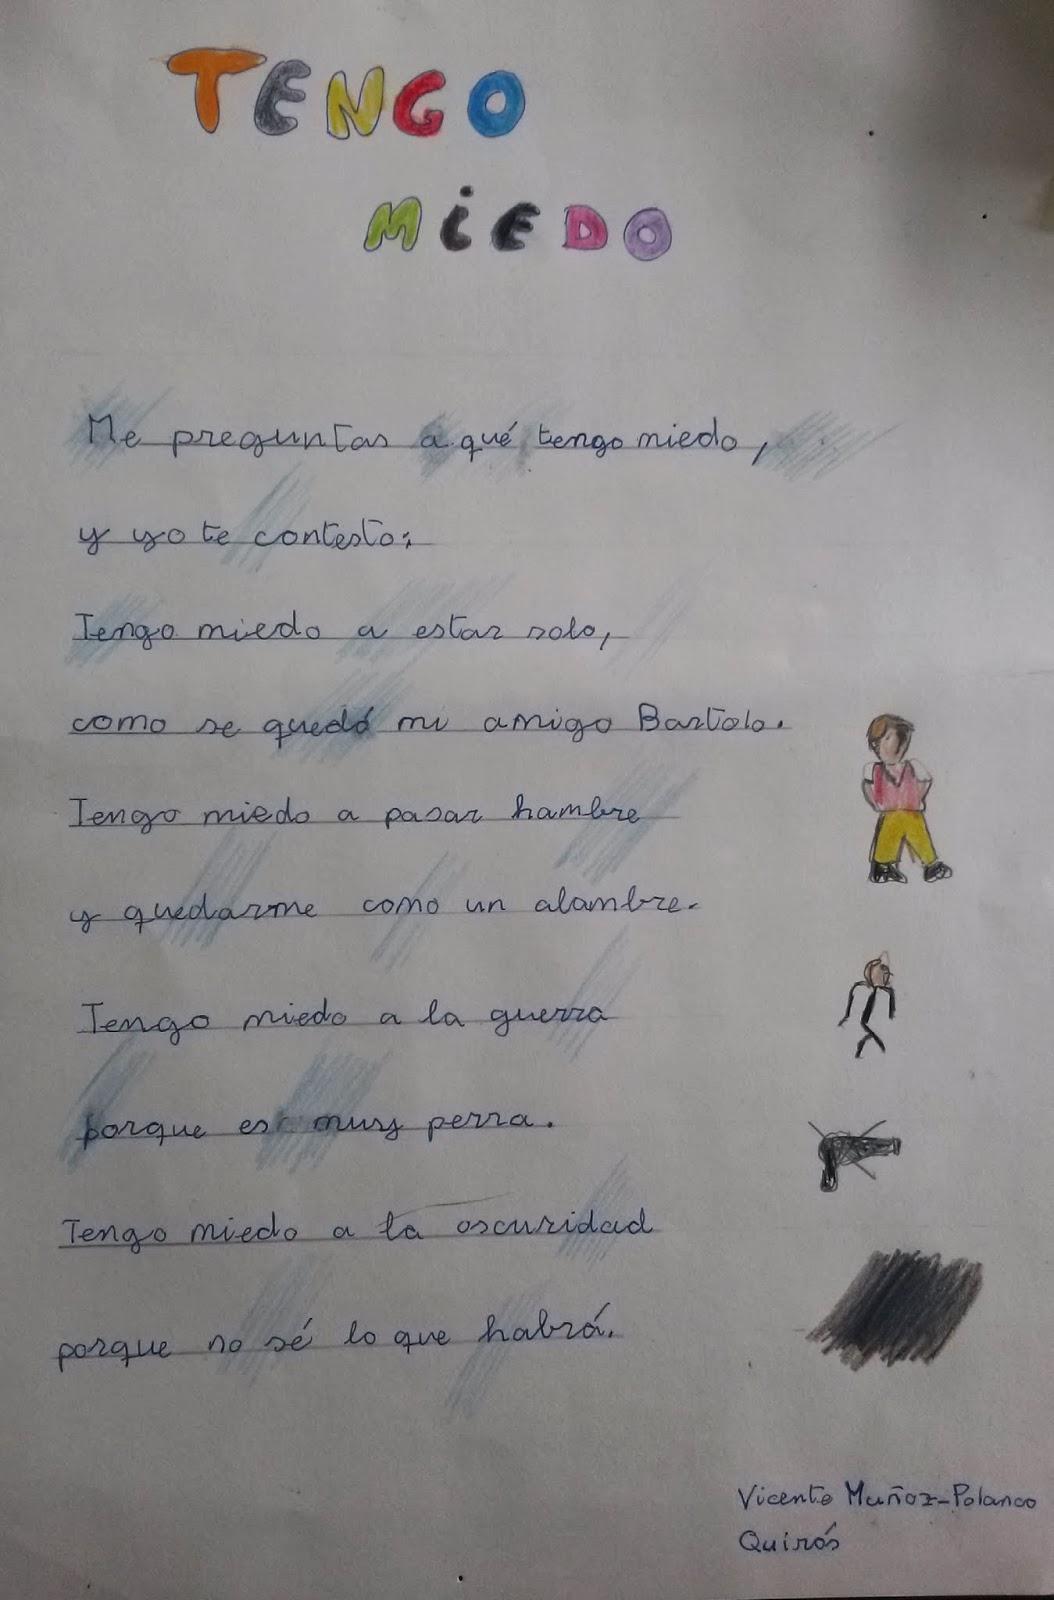 poemas amistad - Poemas de amistad. Música: Kevin MacLeod - ISRC: US